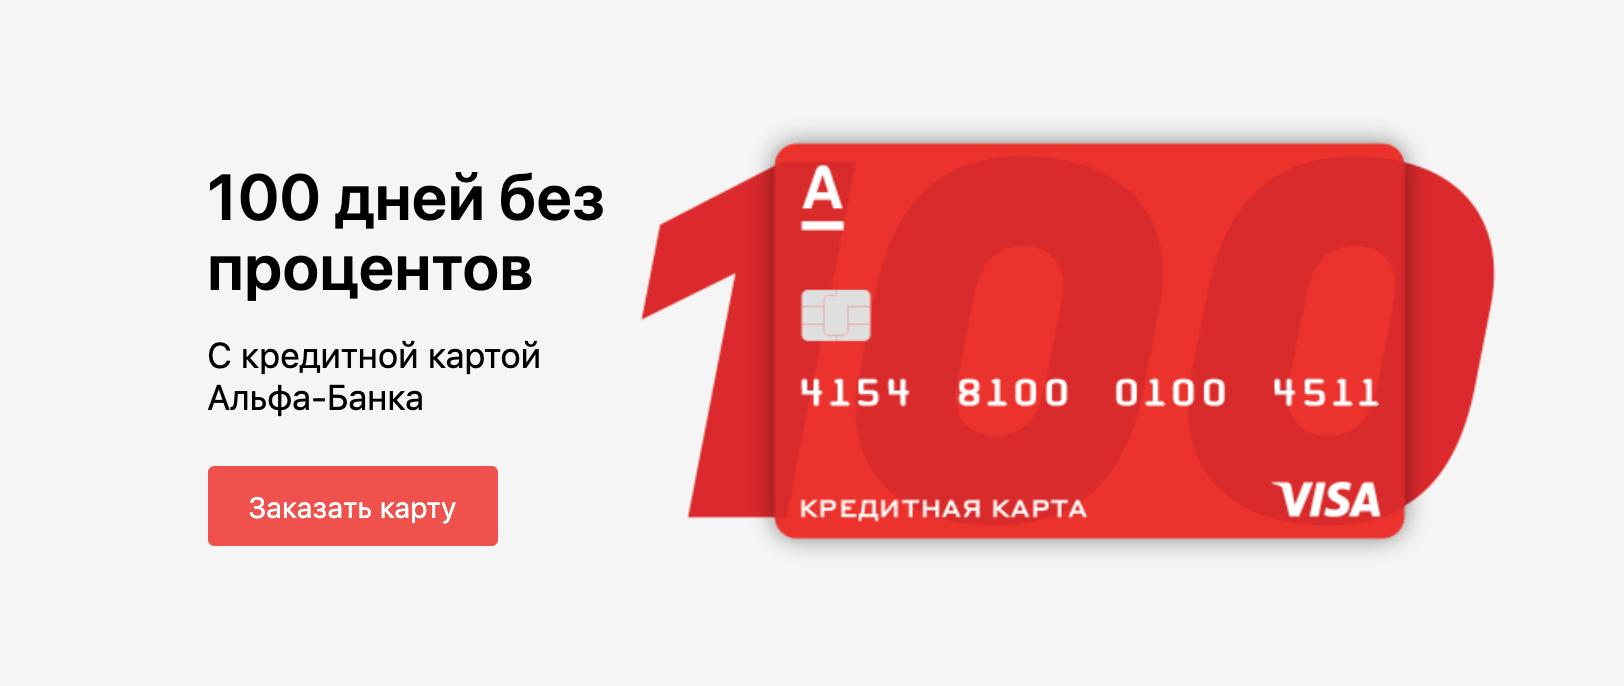 директ кредит номер телефона